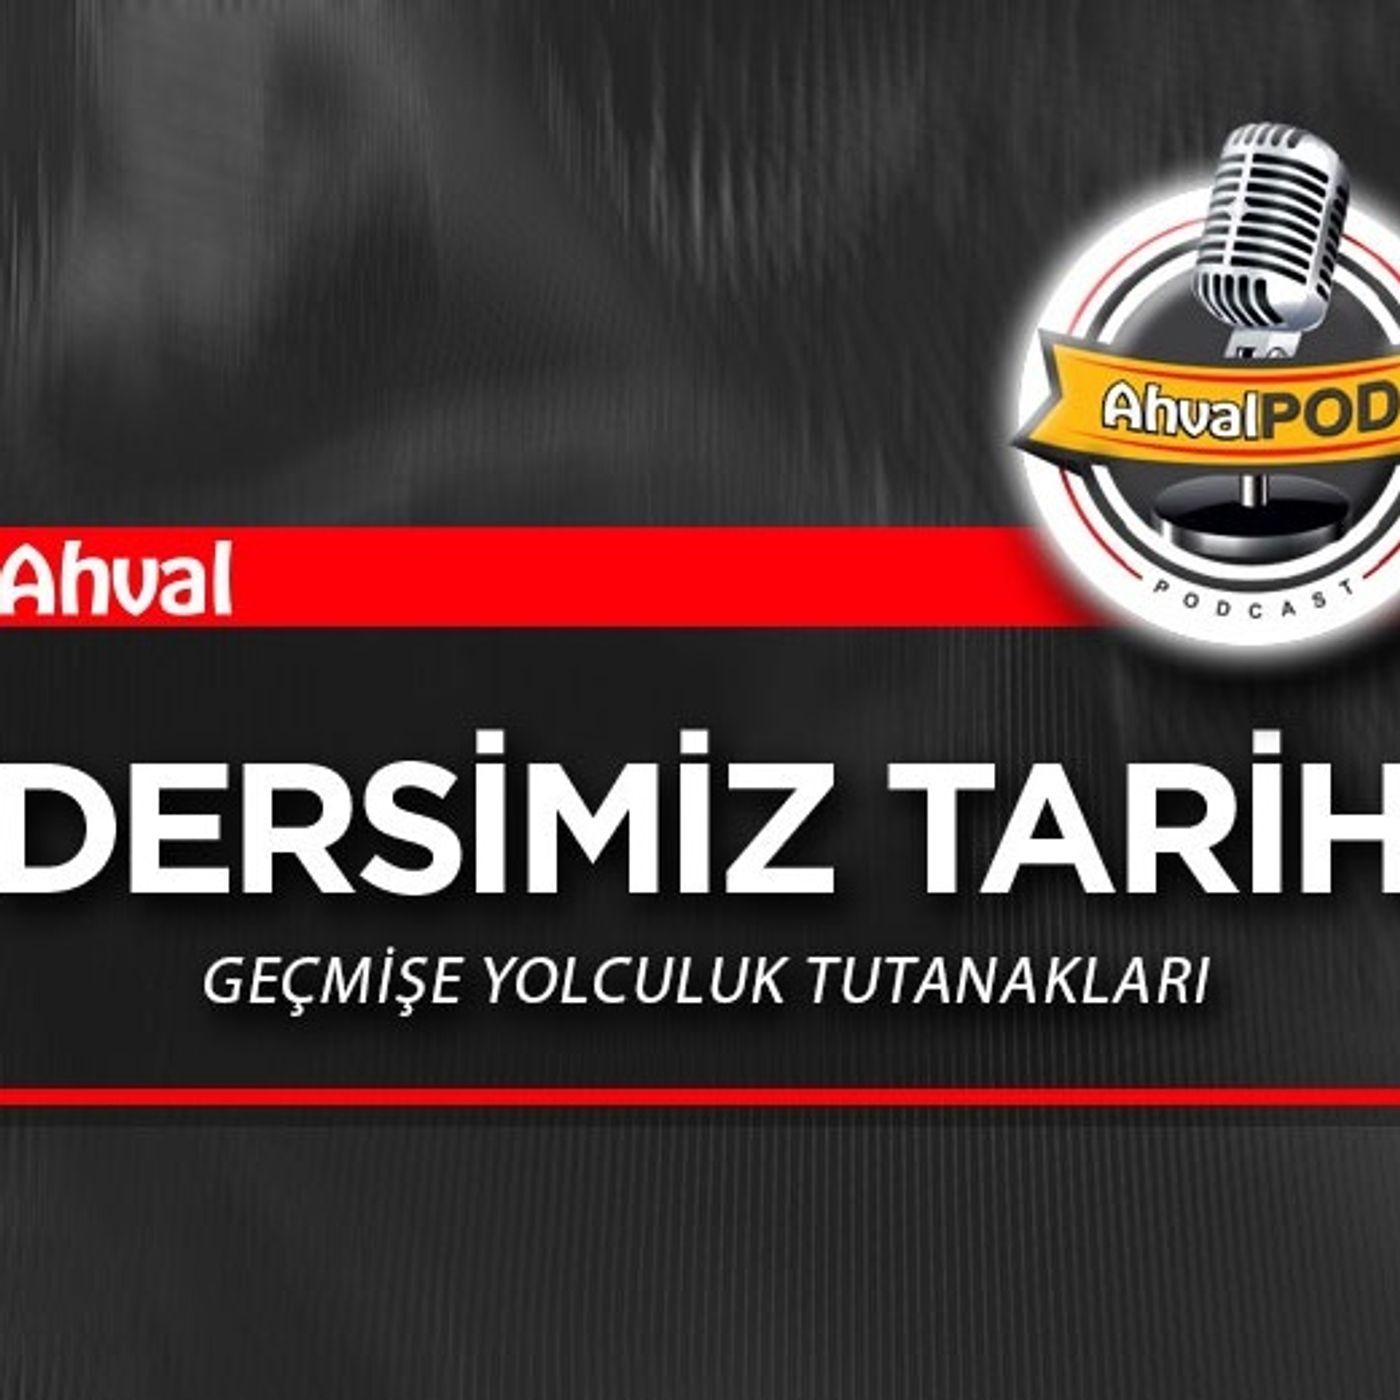 'Ayasofya ve Kariye üzerinden fetih söyleminin yayılması çok tehlikeli' - Tuğba Tanyeri-Erdemir